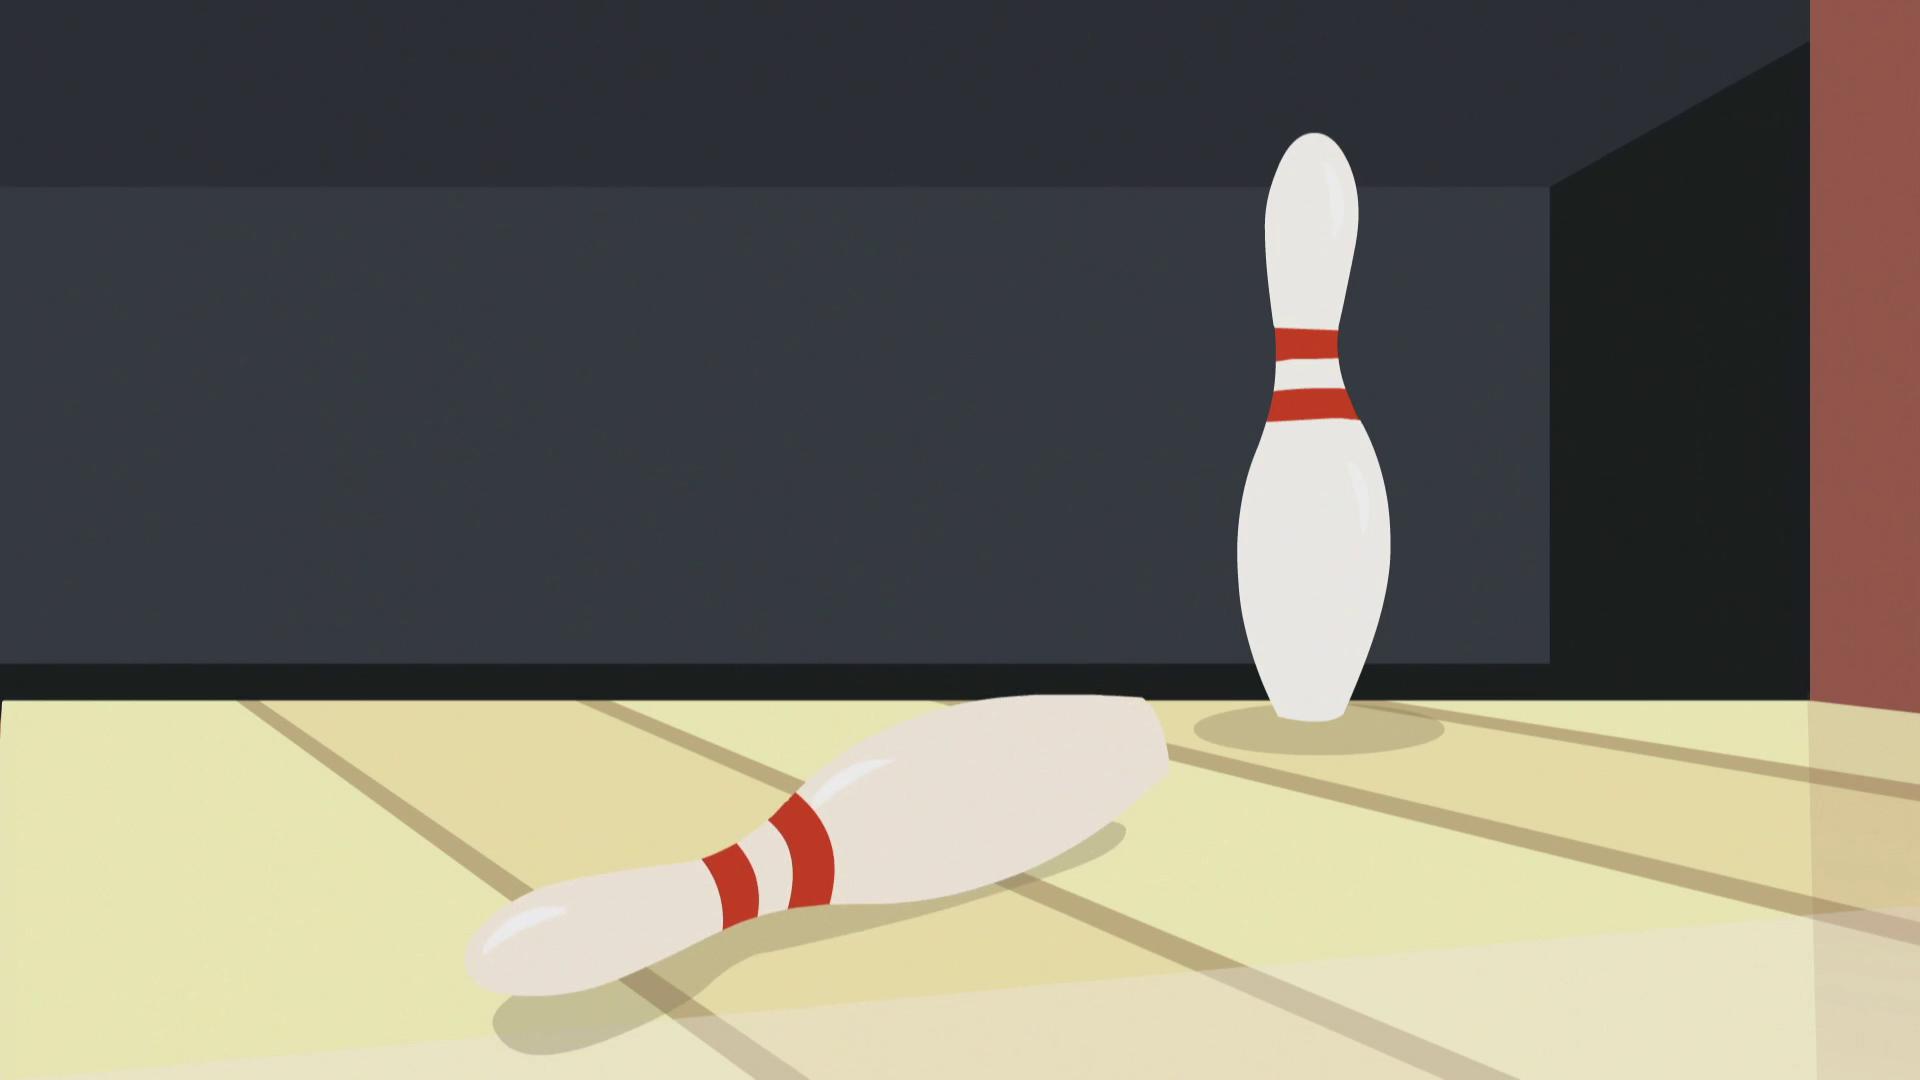 fkk bowling anleitung blowjob